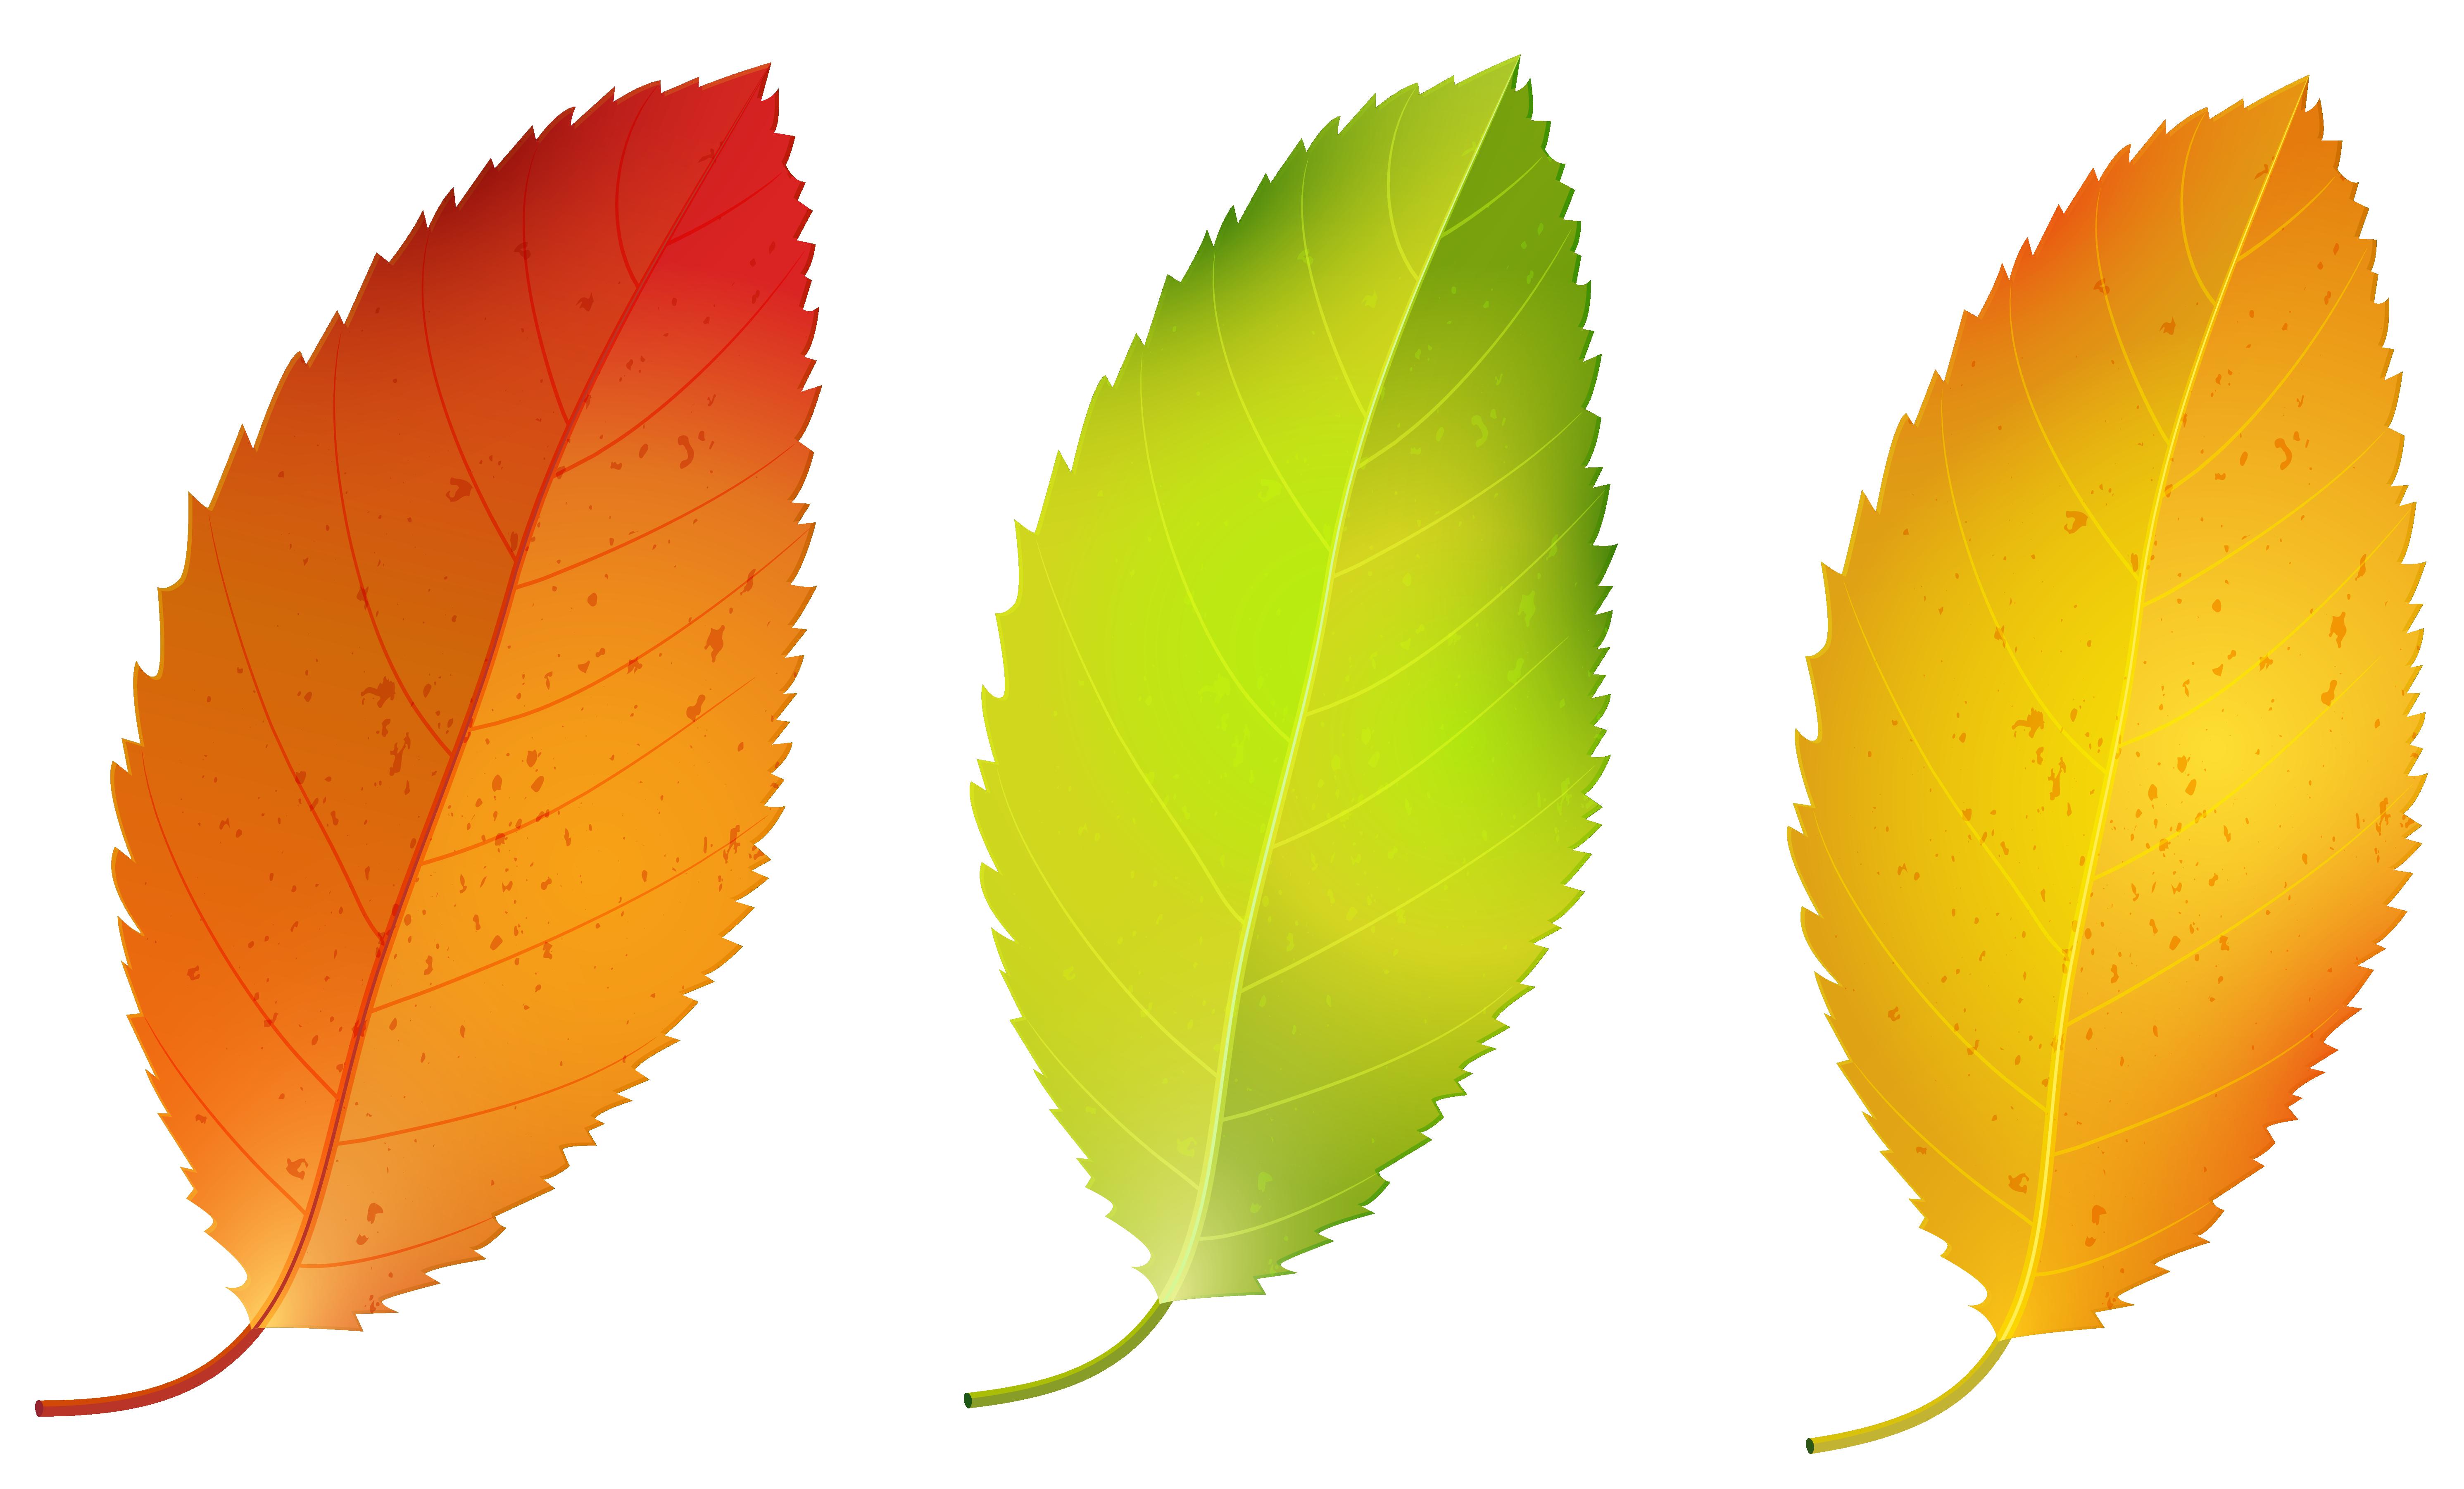 5964x3603 Autumn Leaf Color Birch Clip Art